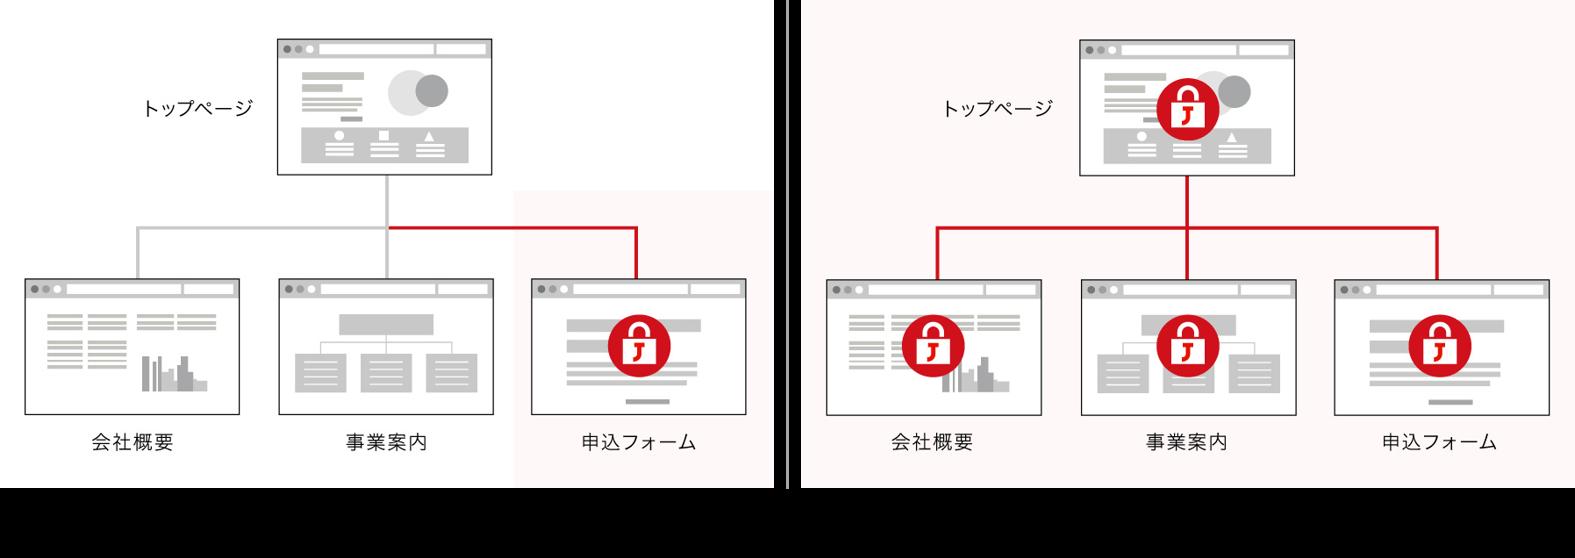 常時SSL化について | JPRS